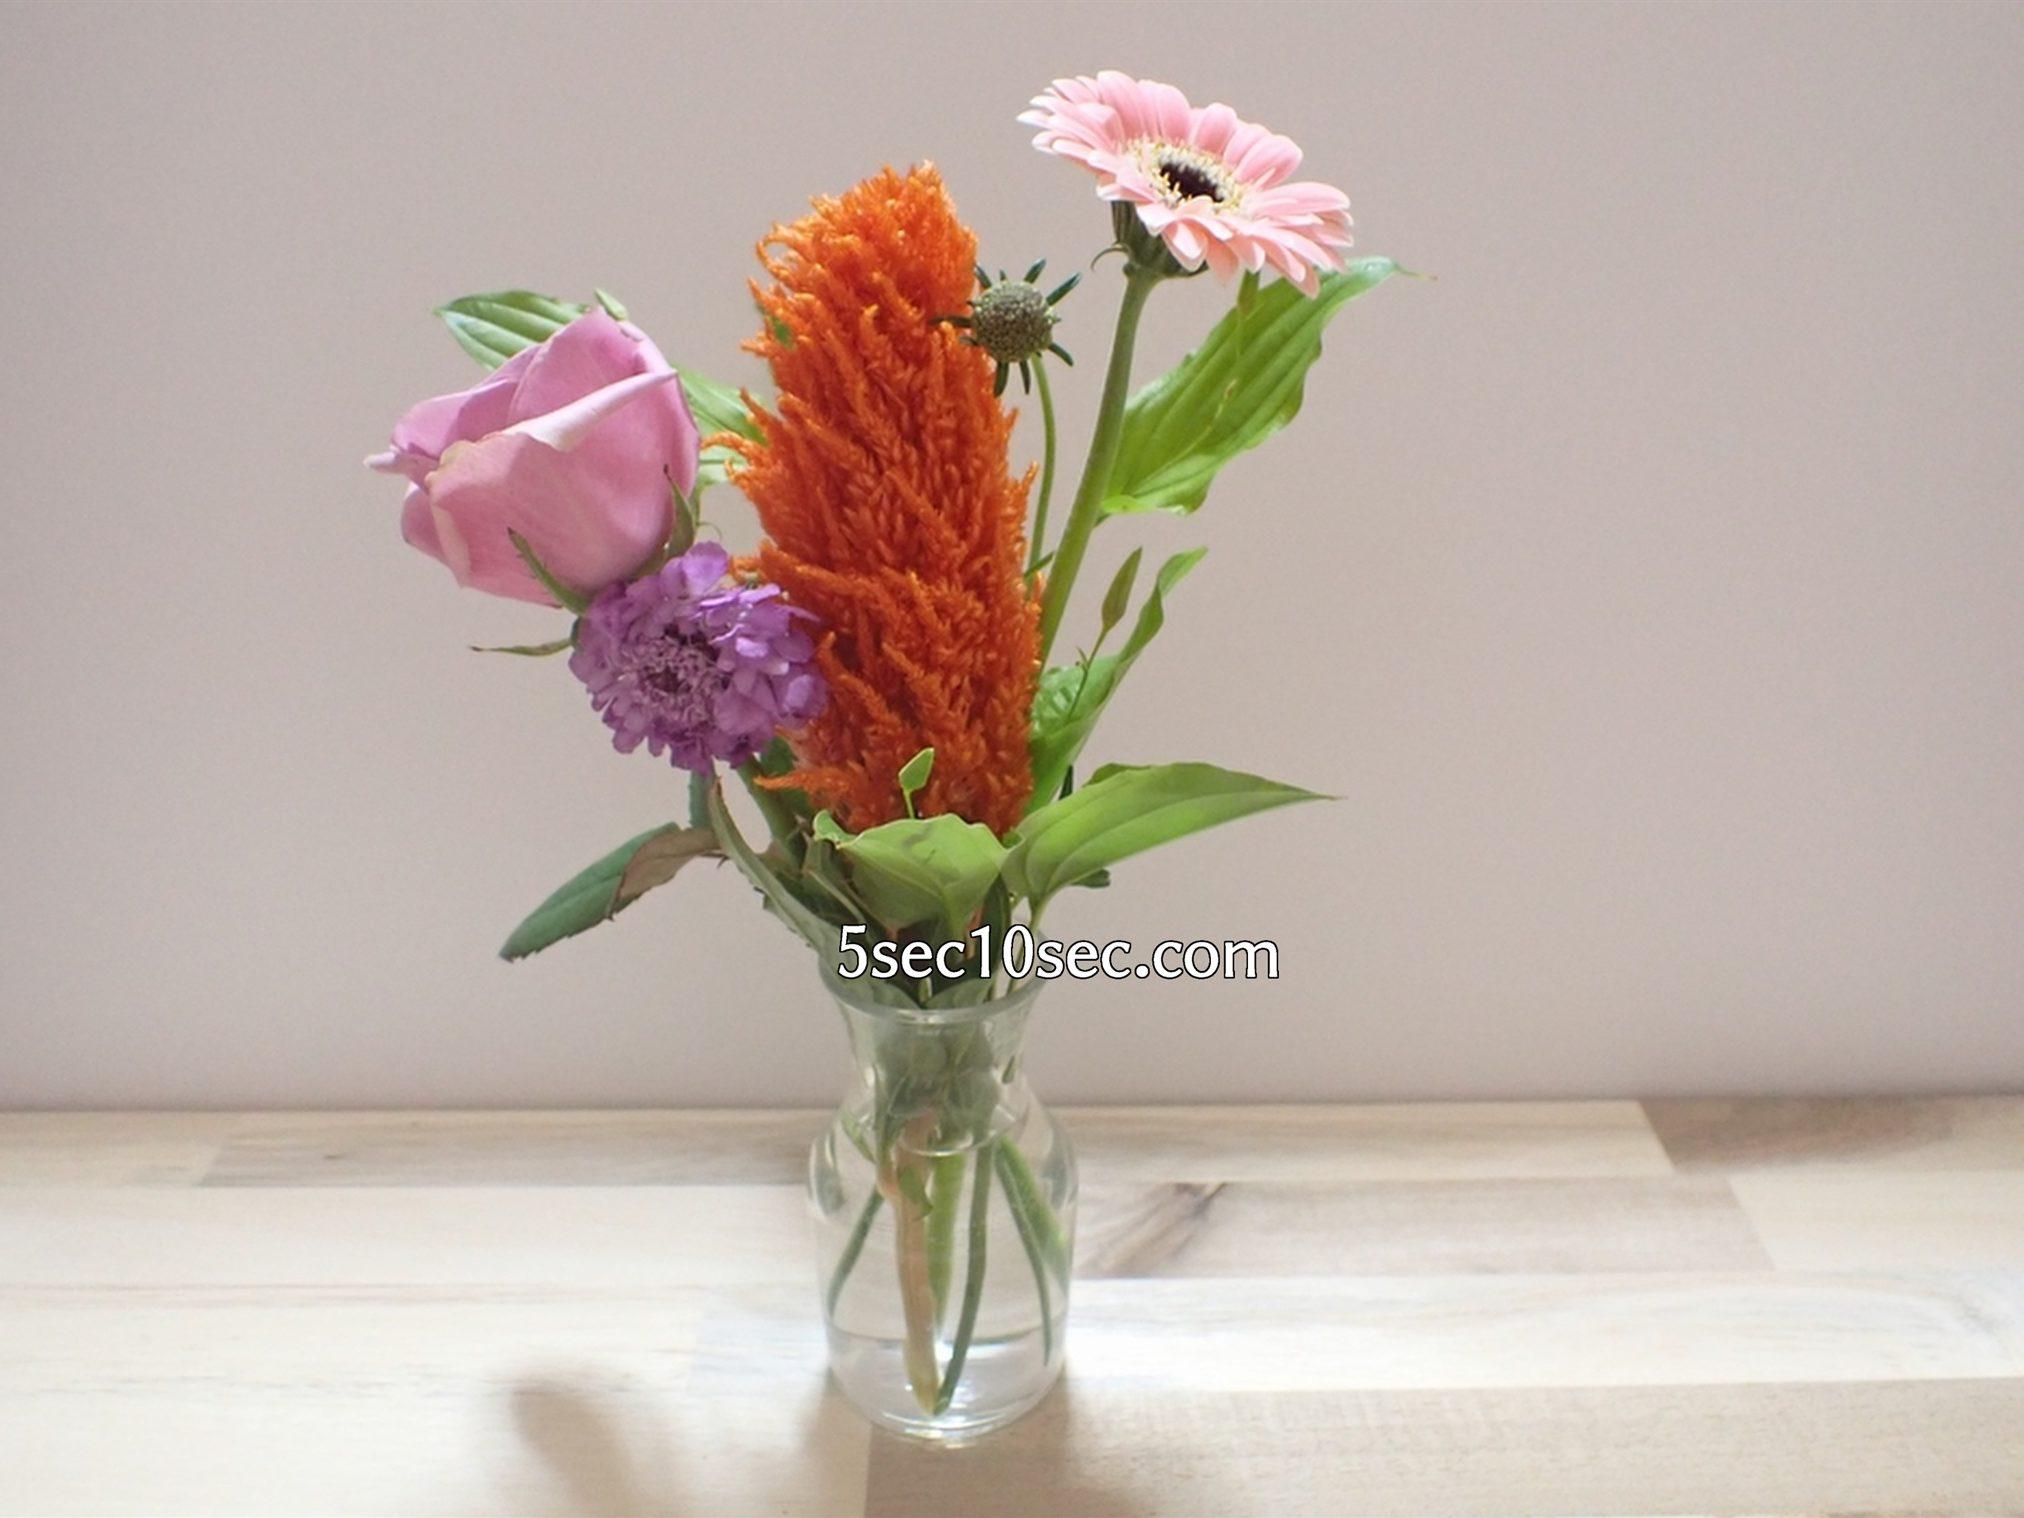 株式会社Crunch Style お花の定期便 Bloomee LIFE ブルーミーライフ レギュラープラン 葉が多い時は背の低い小瓶タイプの花瓶の方が適していると思いました